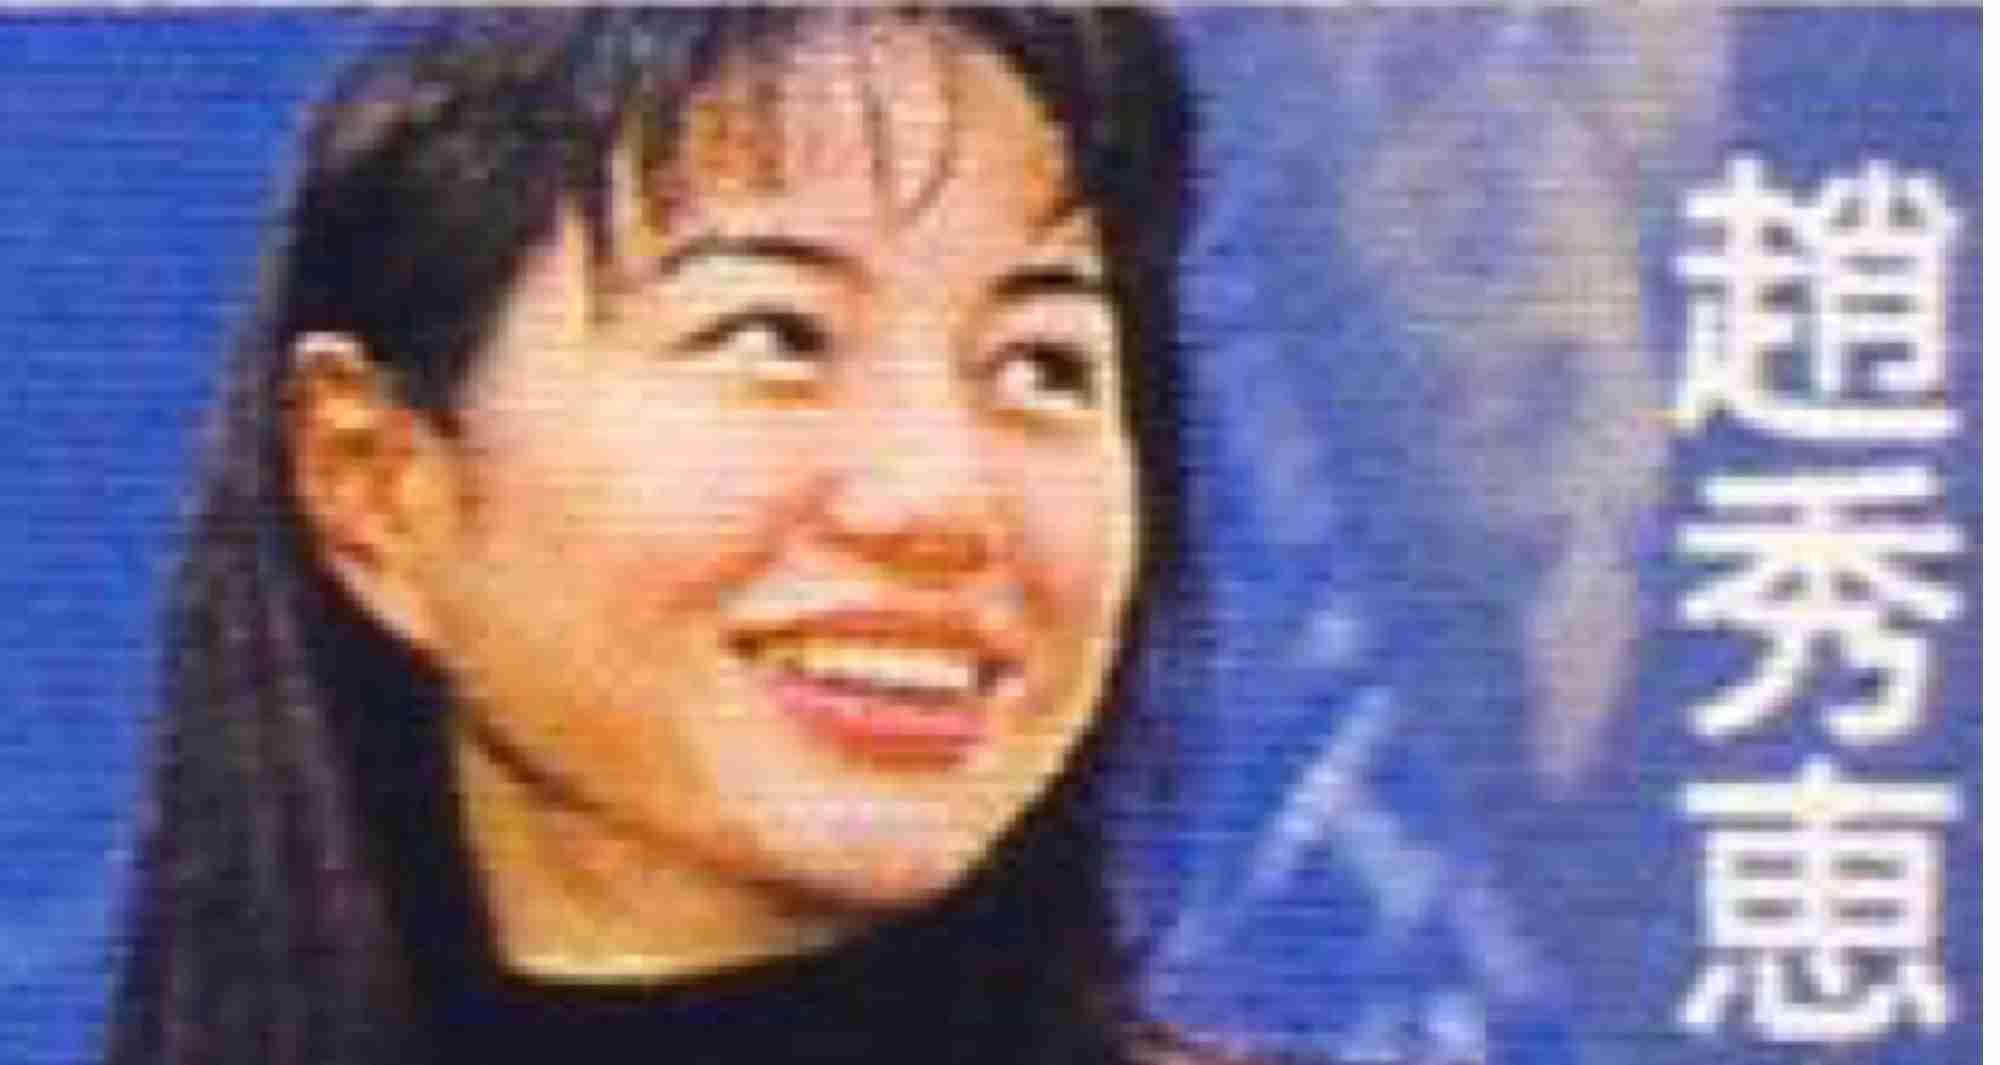 まだ名前が知られてなかった頃の有名人画像を貼るトピ